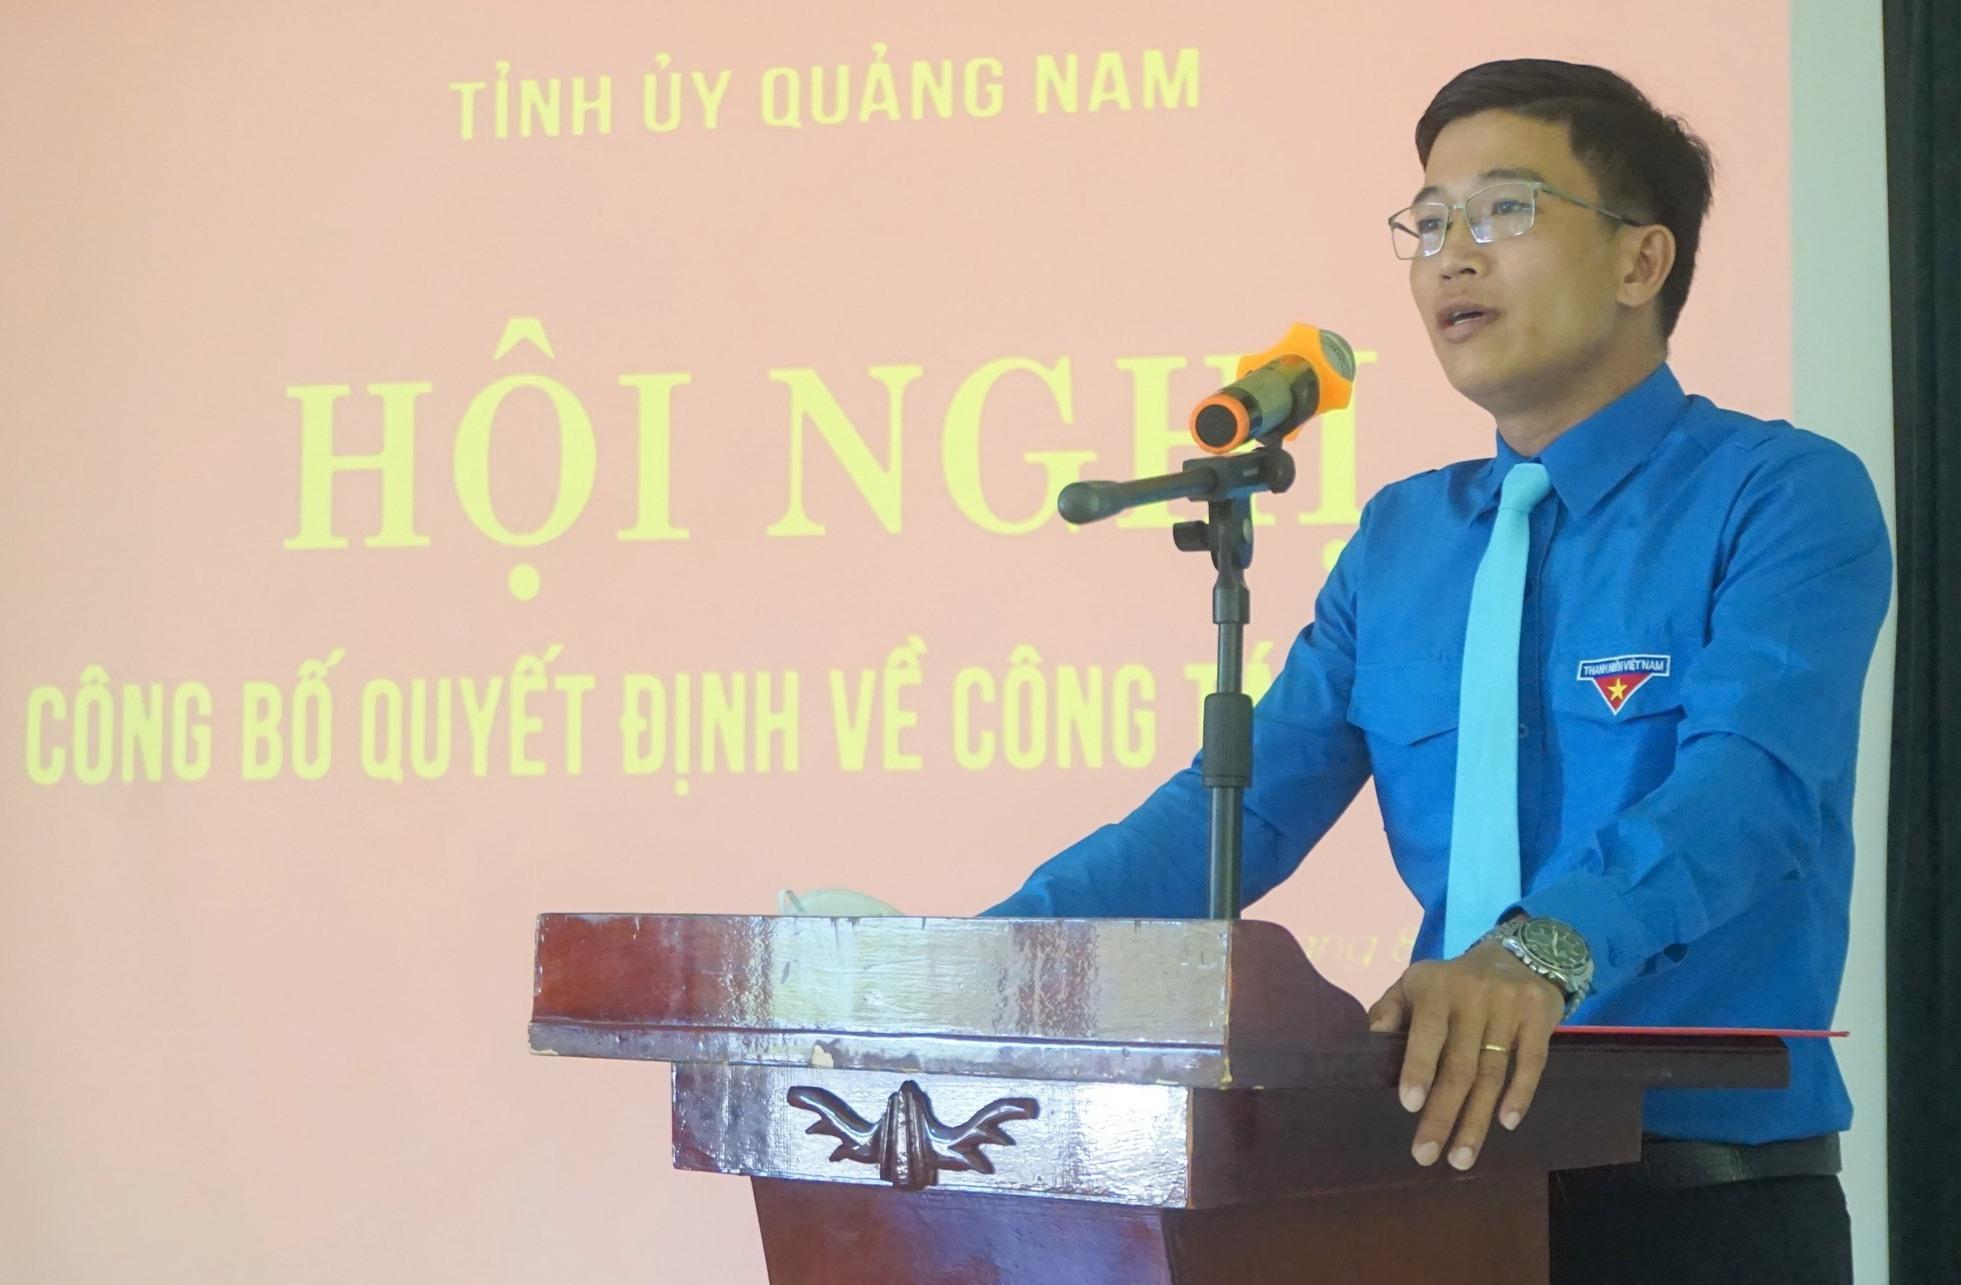 Ông Nguyễn Xuân Đức phát biểu nhận nhiệm vụ. Ảnh: T.ĐẠT